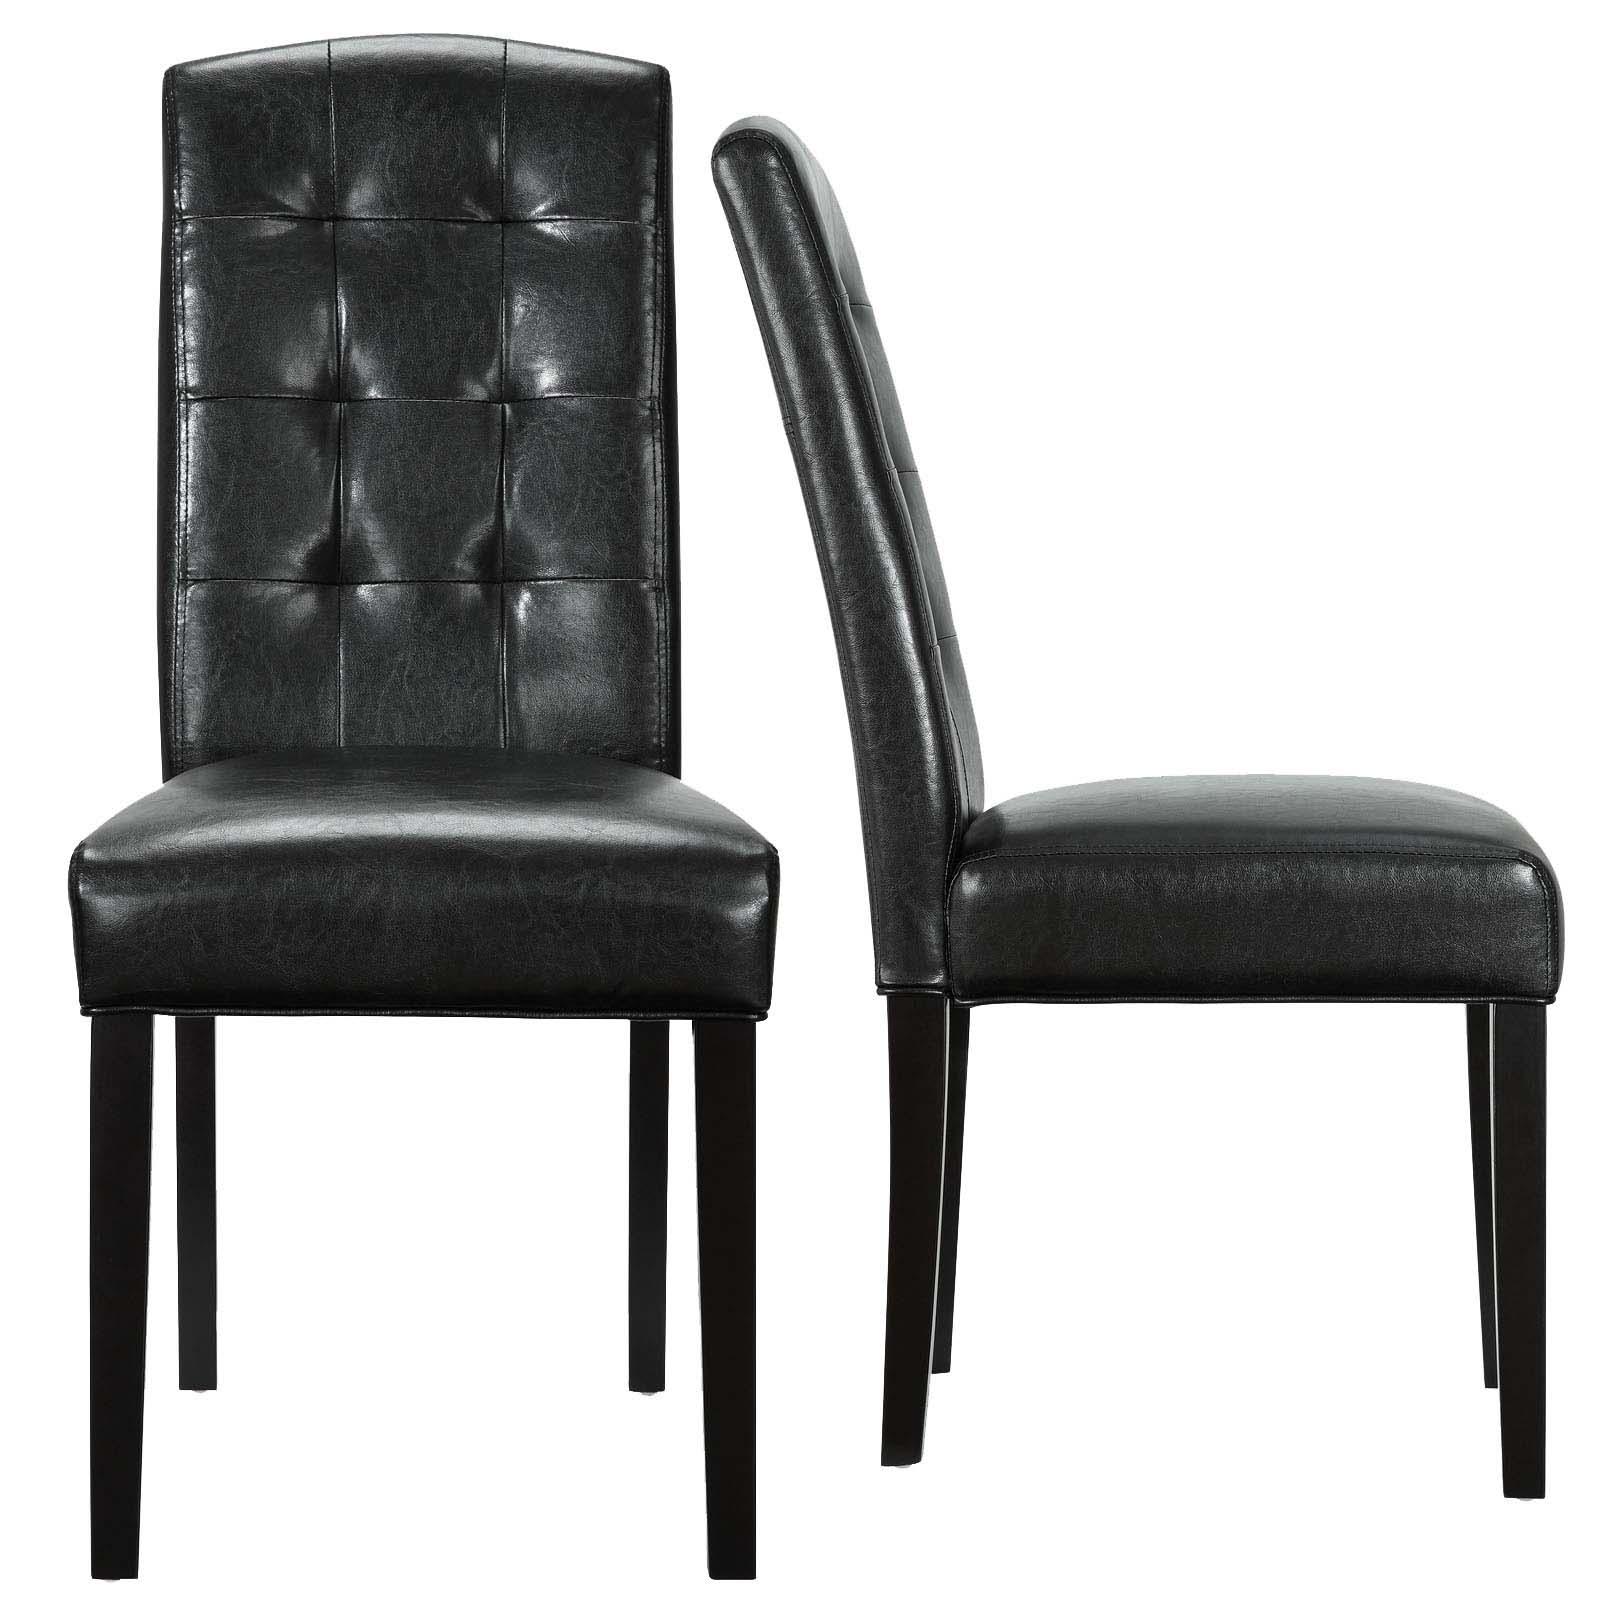 Perdure Dining Chairs Vinyl Set of 2 in Black